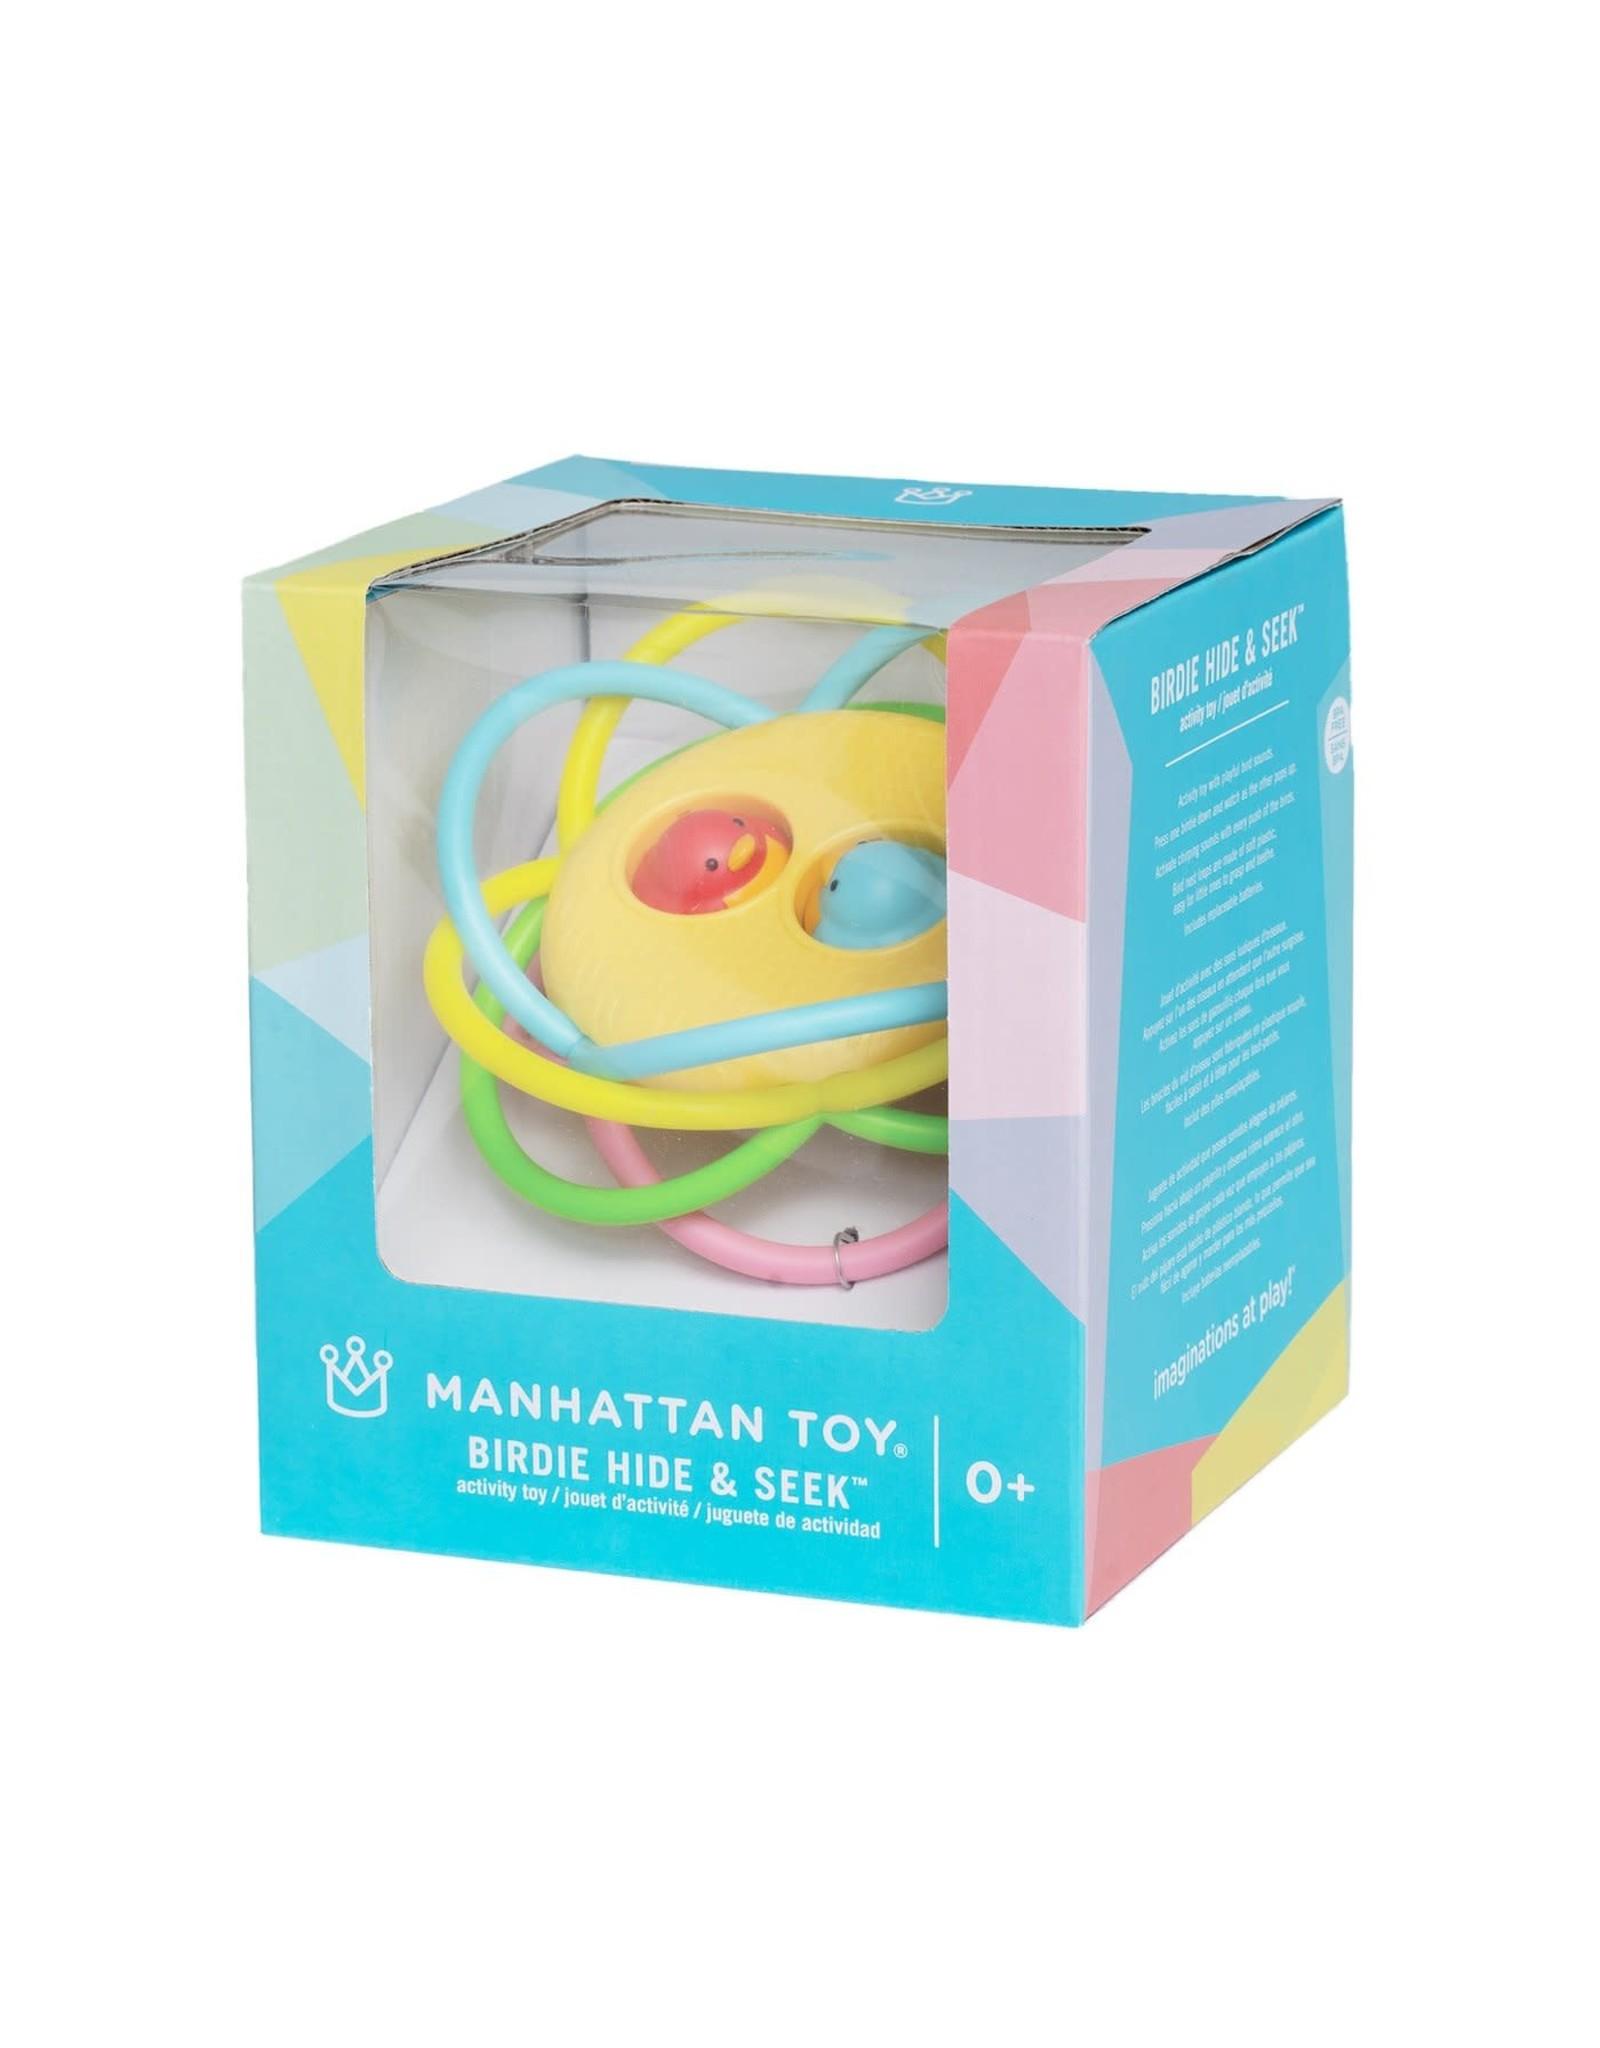 Manhattan Toy Birdie Hide N Seek